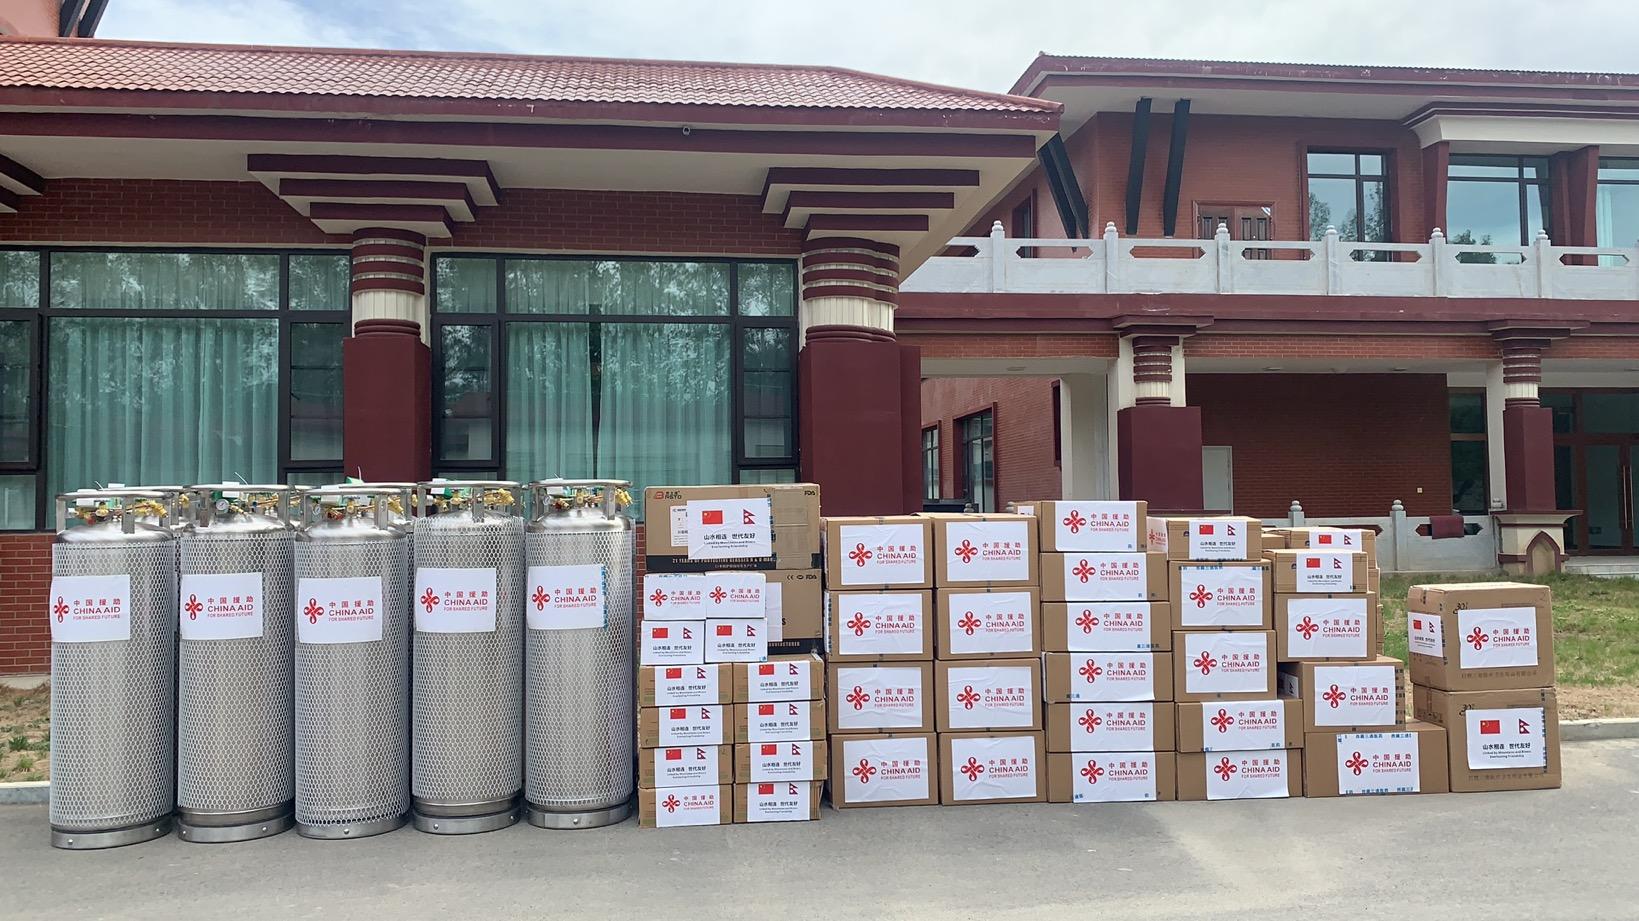 नेपाललाई तिब्बत सरकारको आइसीयू, भेन्टिलेटर र अक्सिजन सामाग्री सहयोग